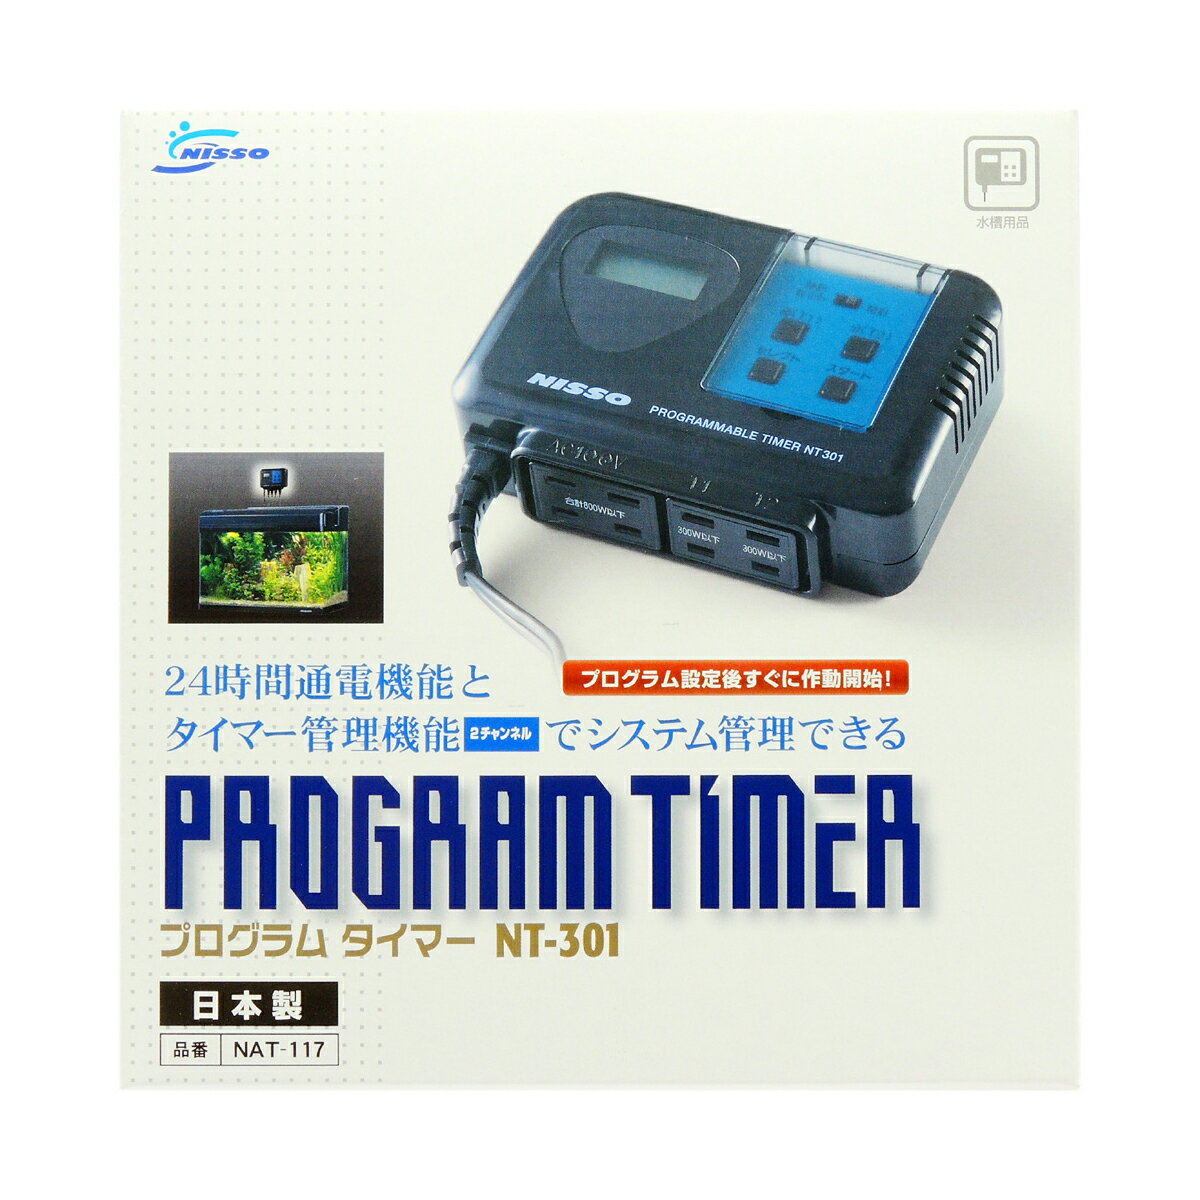 ニッソー プログラムタイマーNT-301 【日本製】~【在庫有り】-(人気商品)「1点まで」